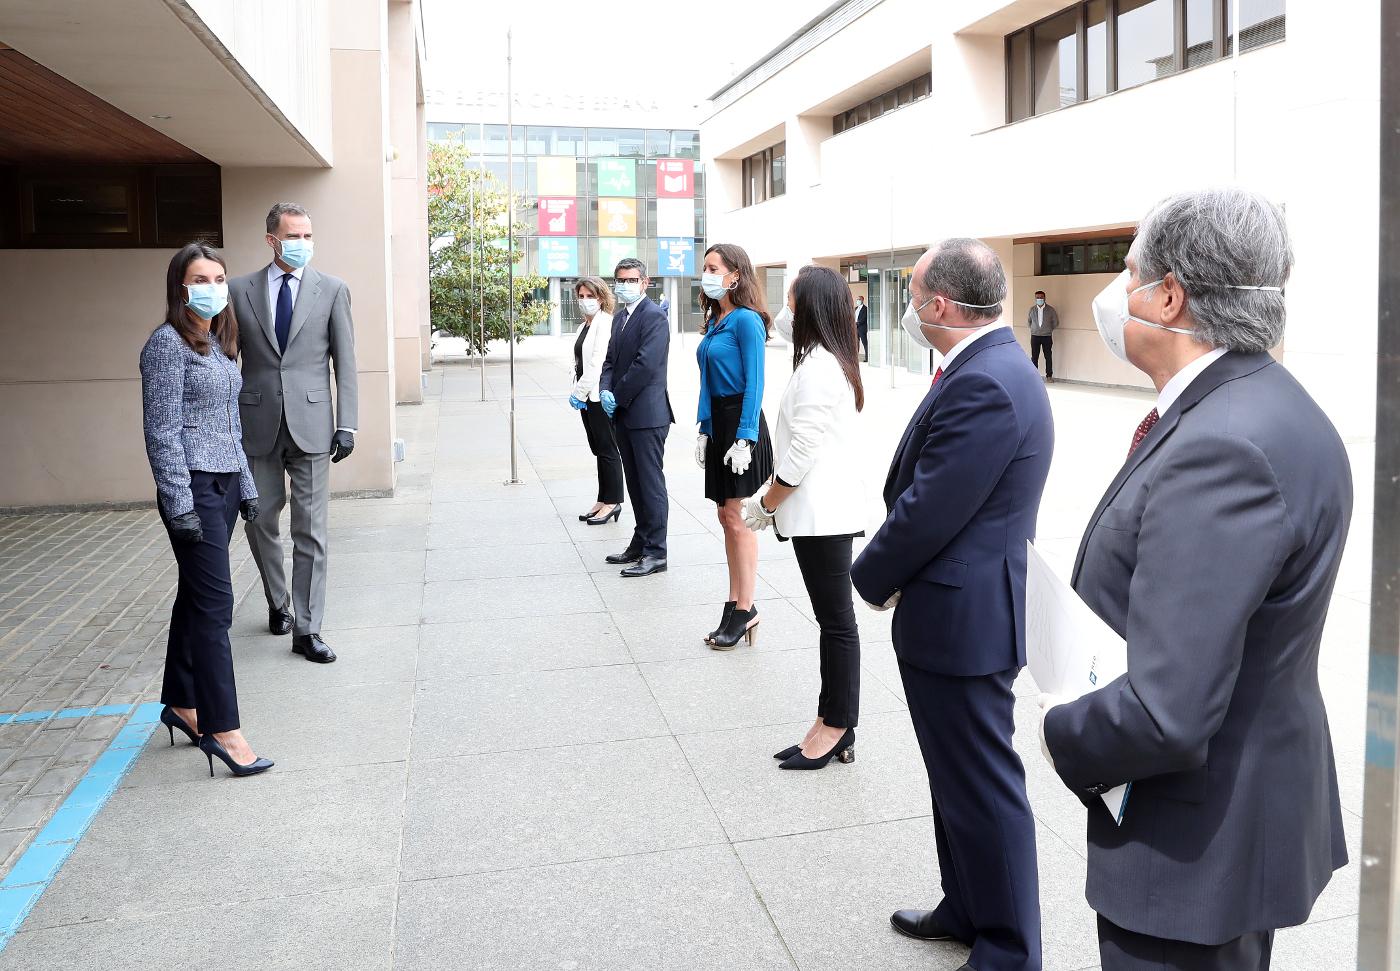 Los reyes han sido recibidos por la vicepresidenta  Teresa Ribera y el alcalde de Alcobendas, entre otros.